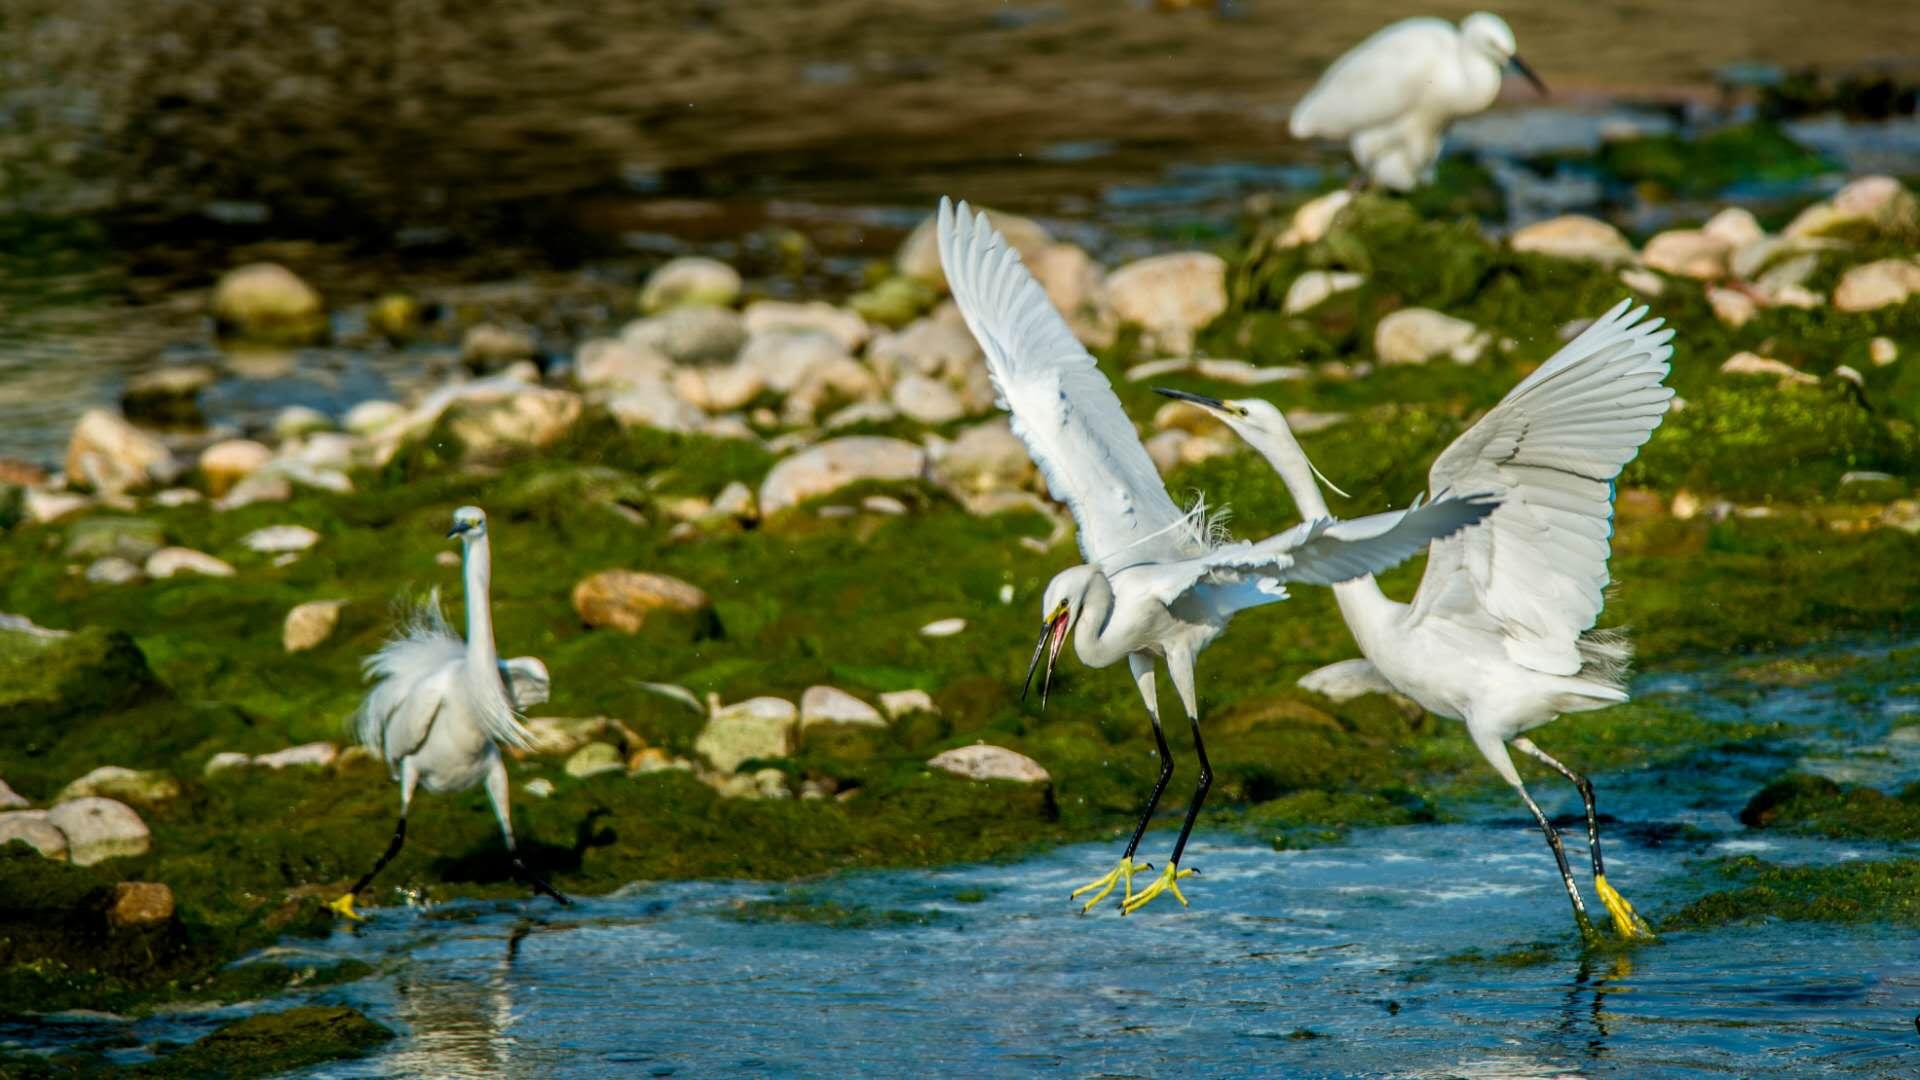 漂亮!济南玉符河湿地水优景美 引白鹭栖息